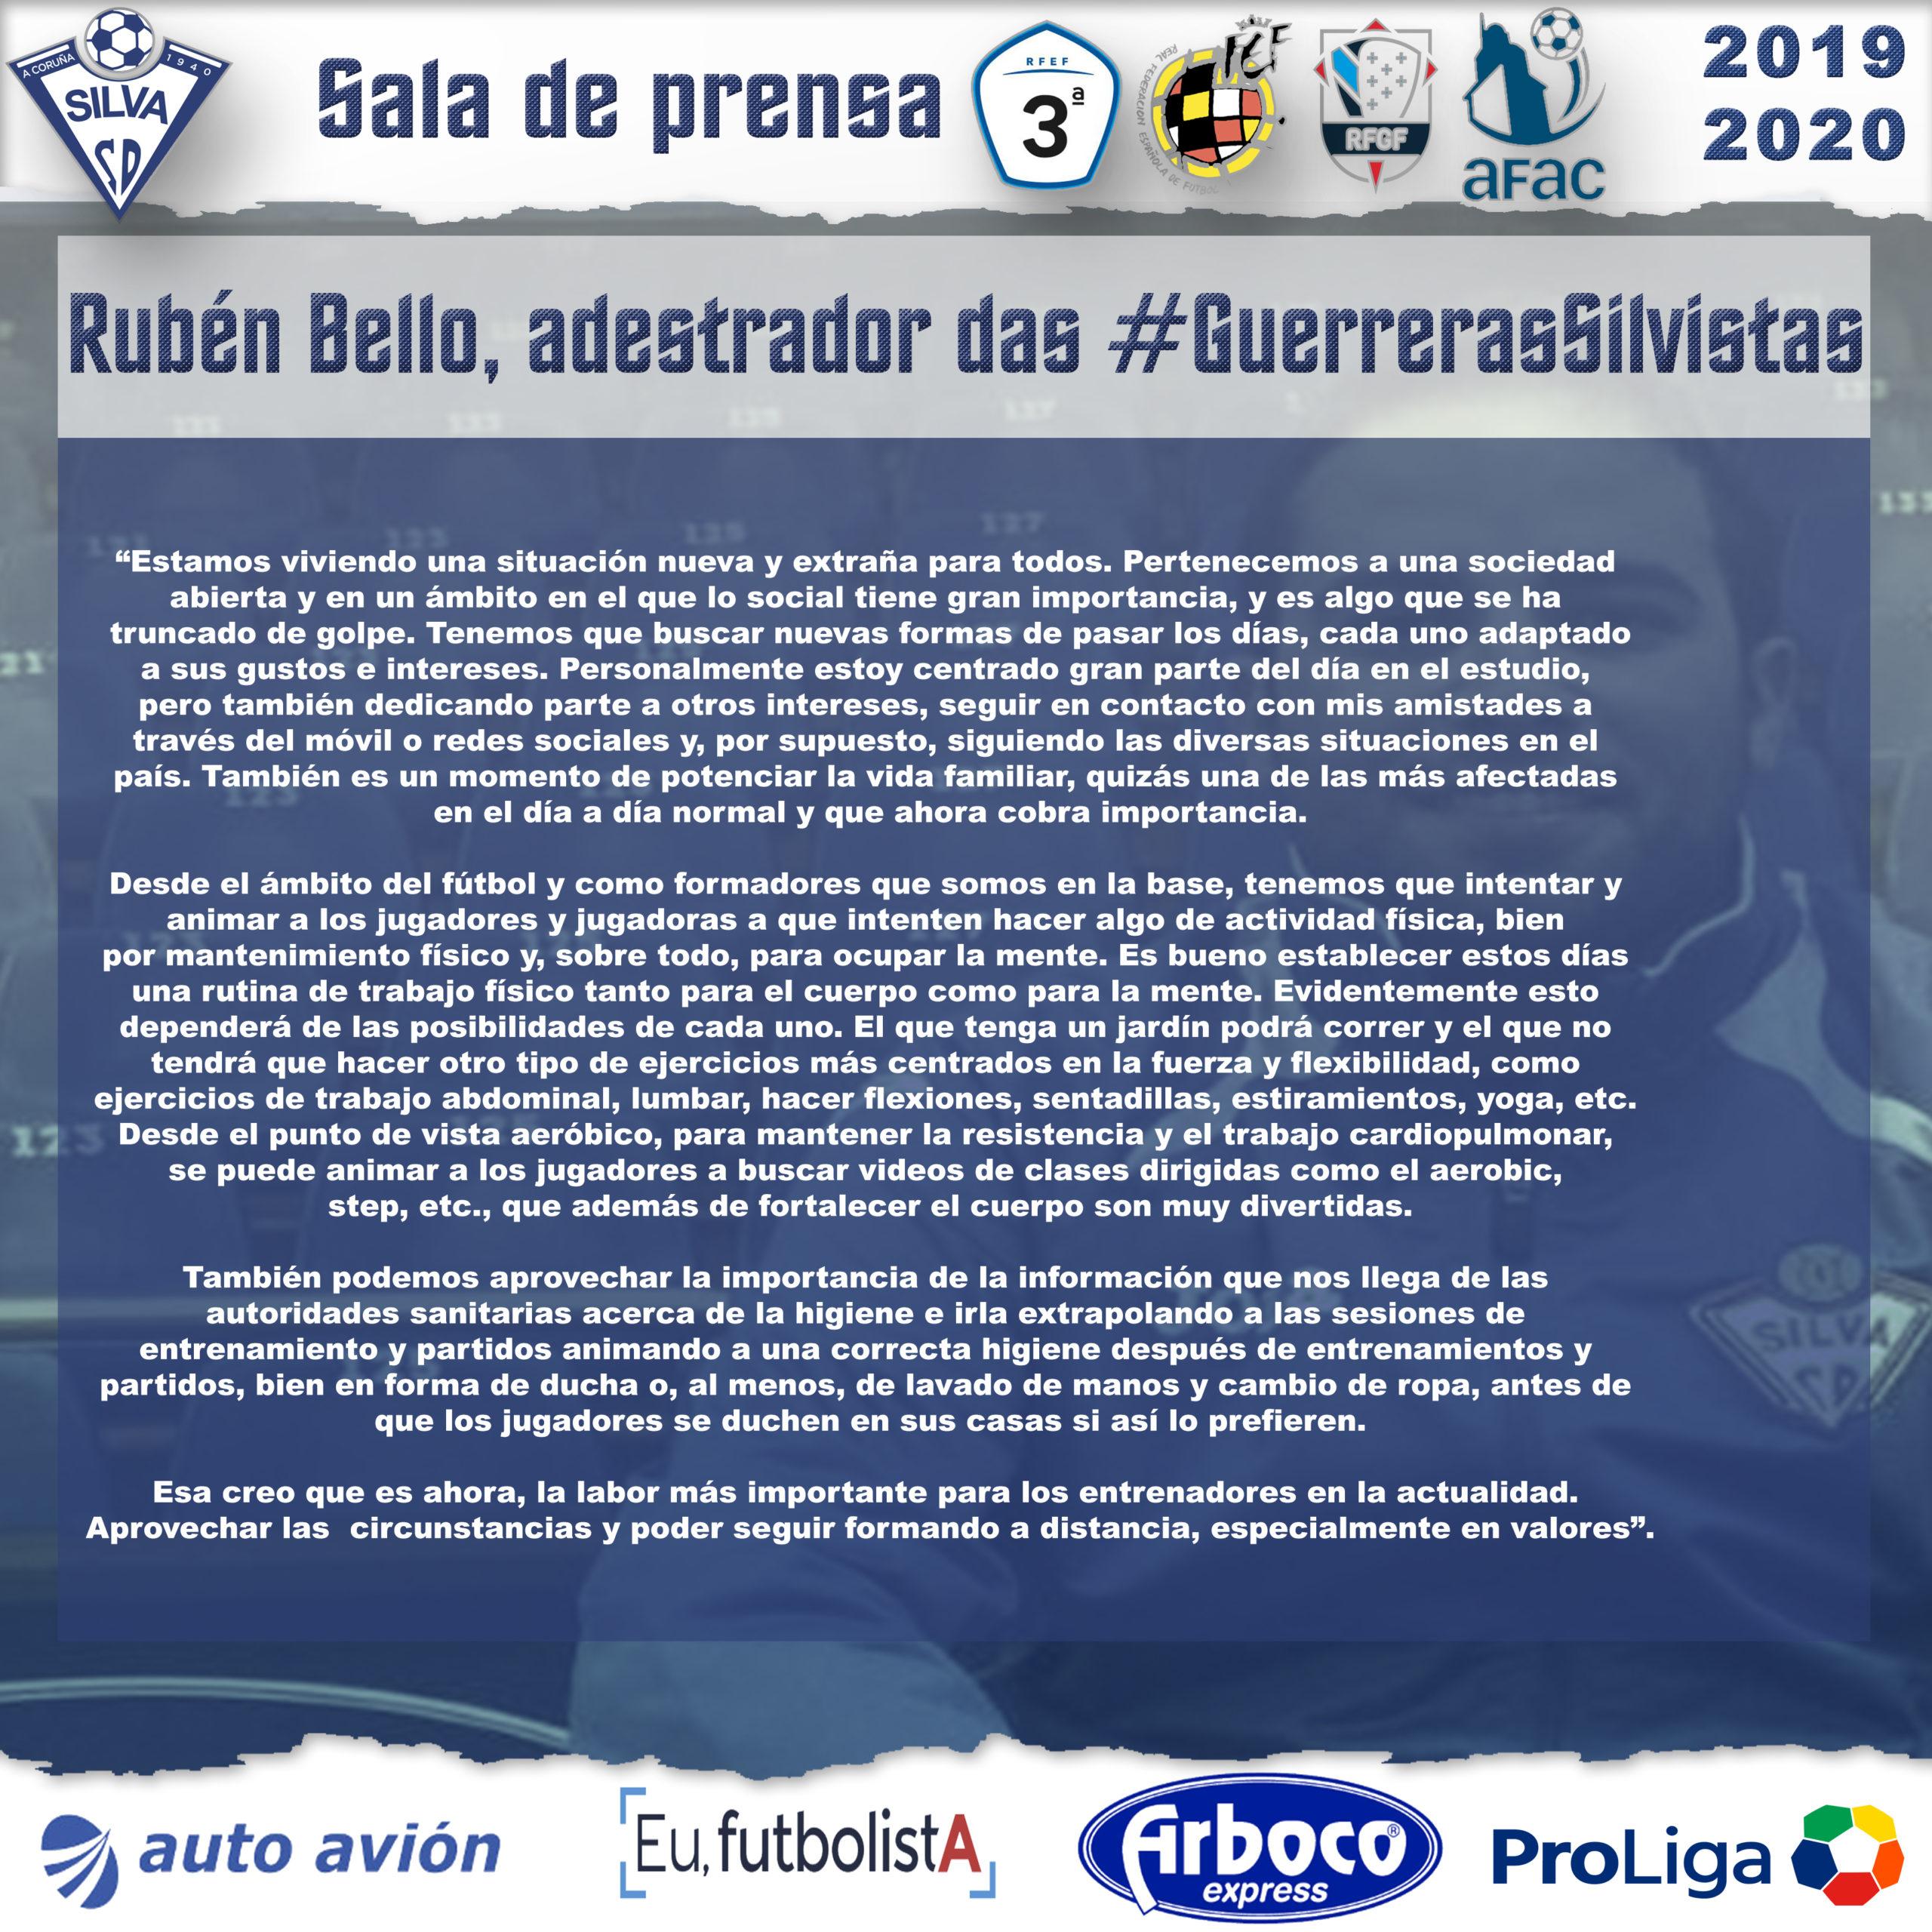 Rubén Bello, técnico de las #GuerrerasSilvistas, anima a mantener un ritmo de vida saludable en casa en este período